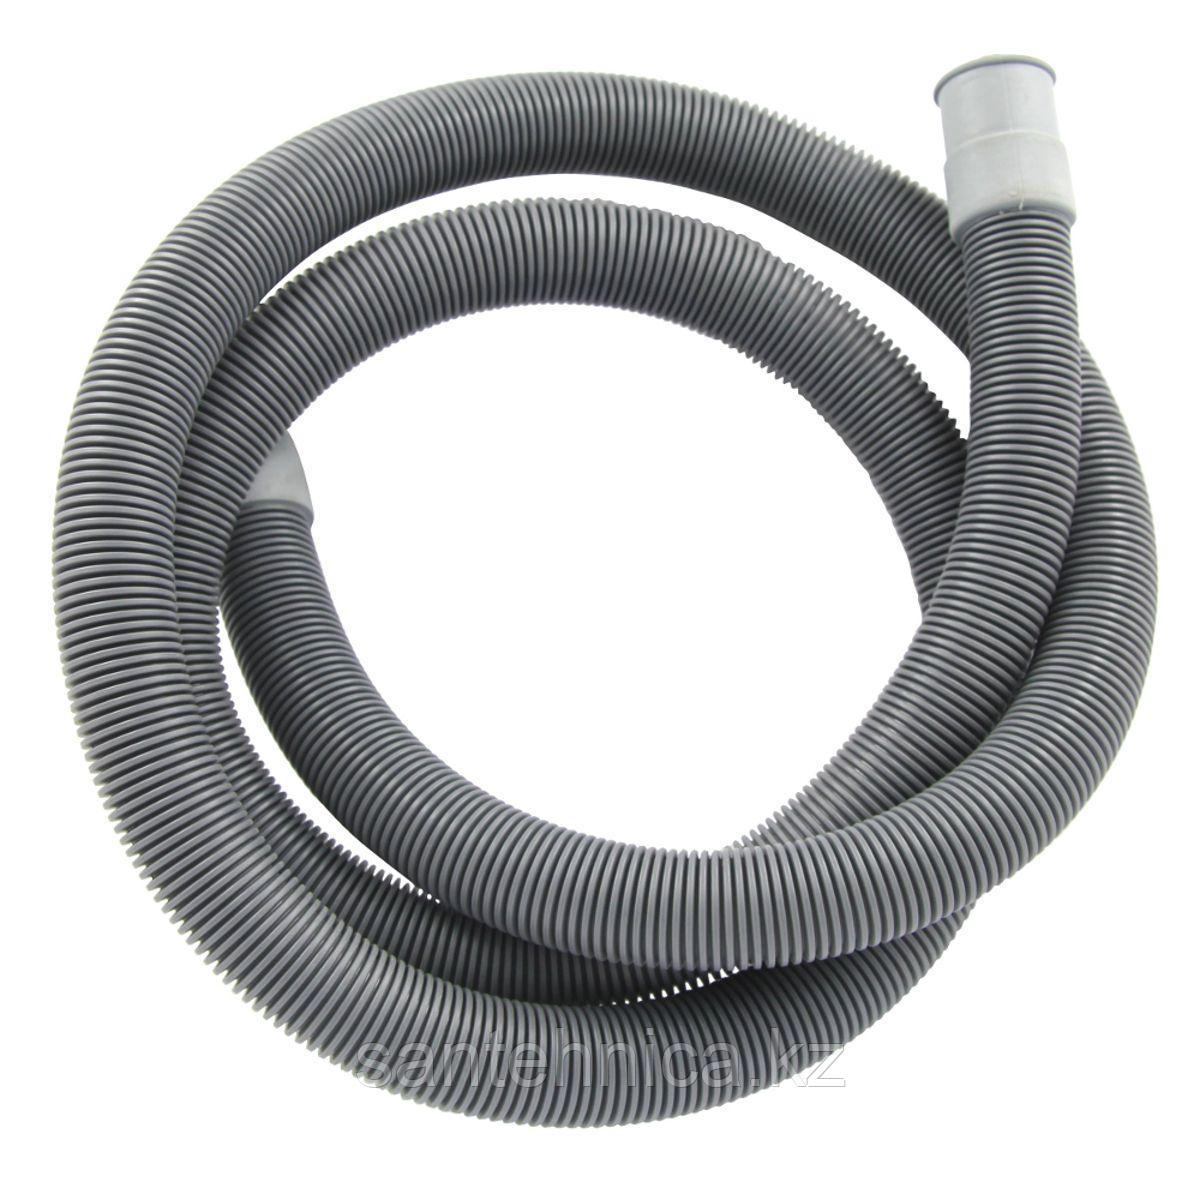 Шланг сливной для стиральной машины D=17/21 мм L=1.5 м Tuboflex